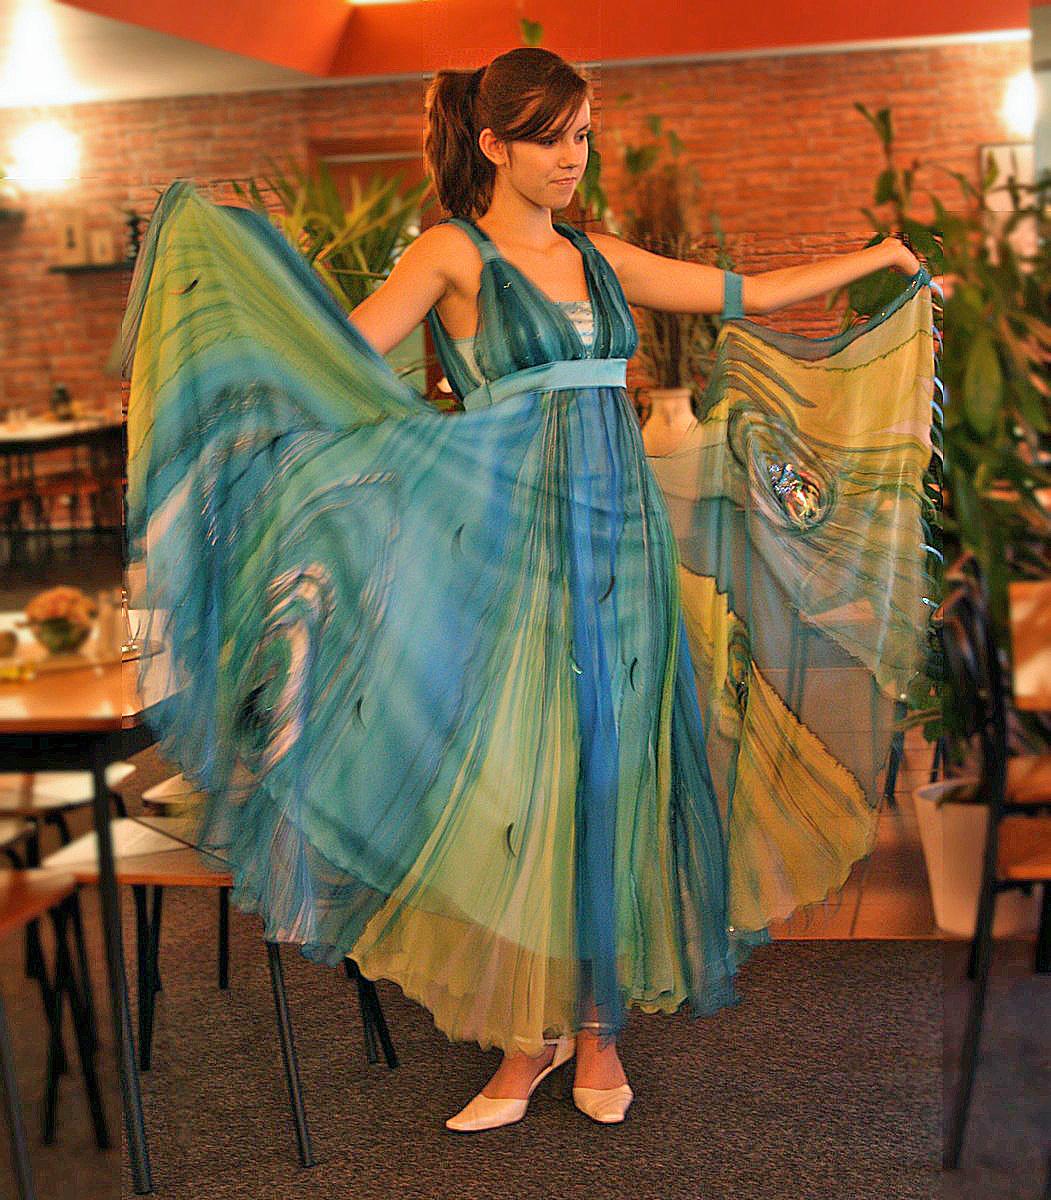 Společenské hedvábné taneční šaty   Zboží prodejce Radka Zrůstková ... adec2bd38a